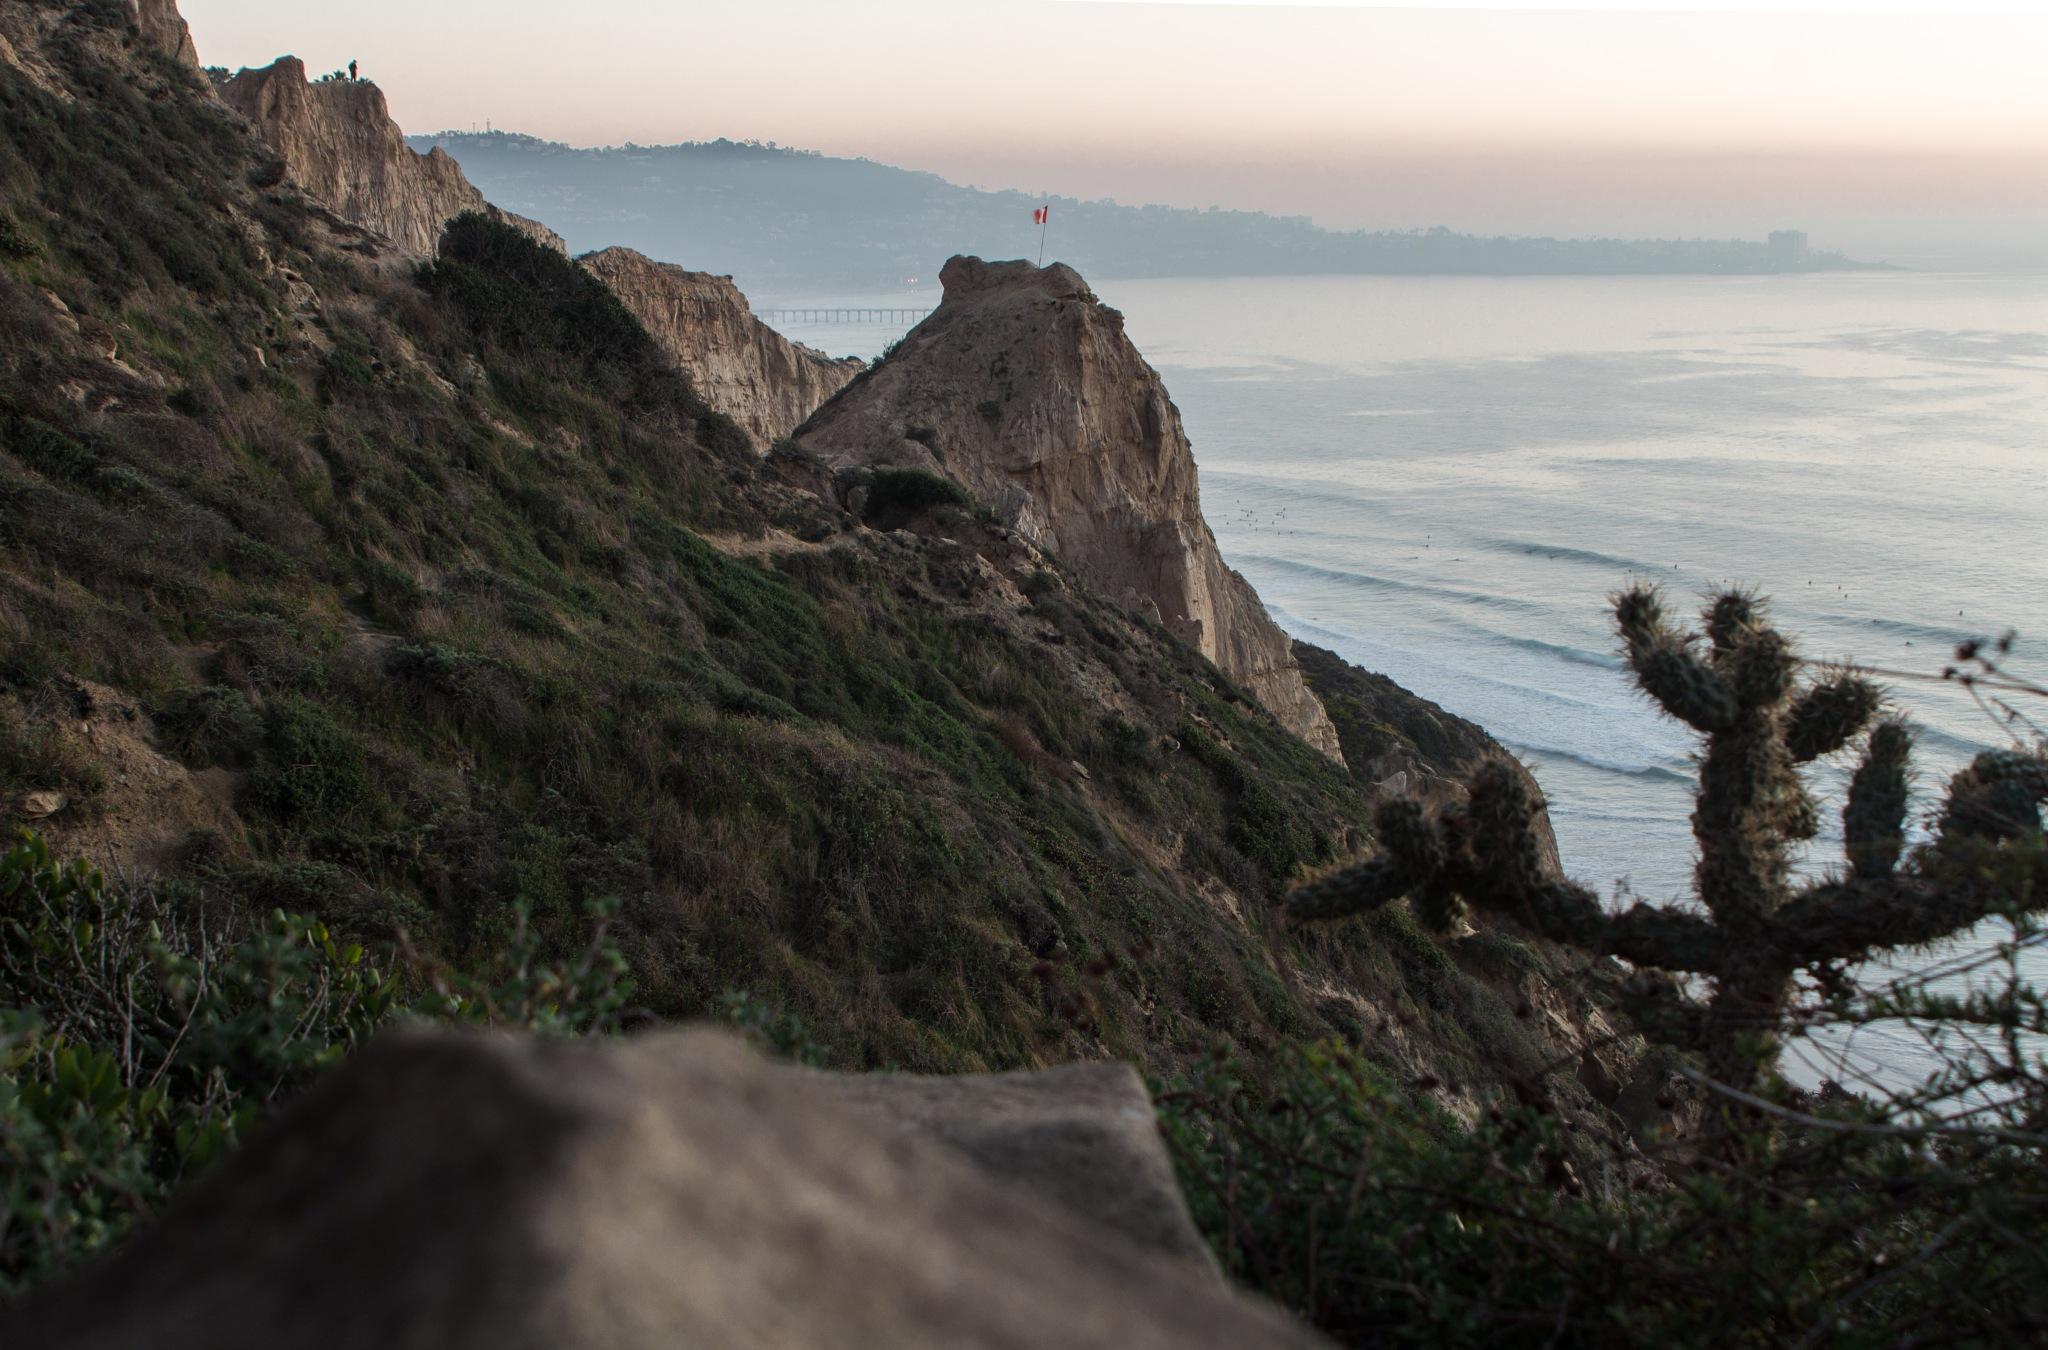 La Jolla Hillside by Andrew Renner